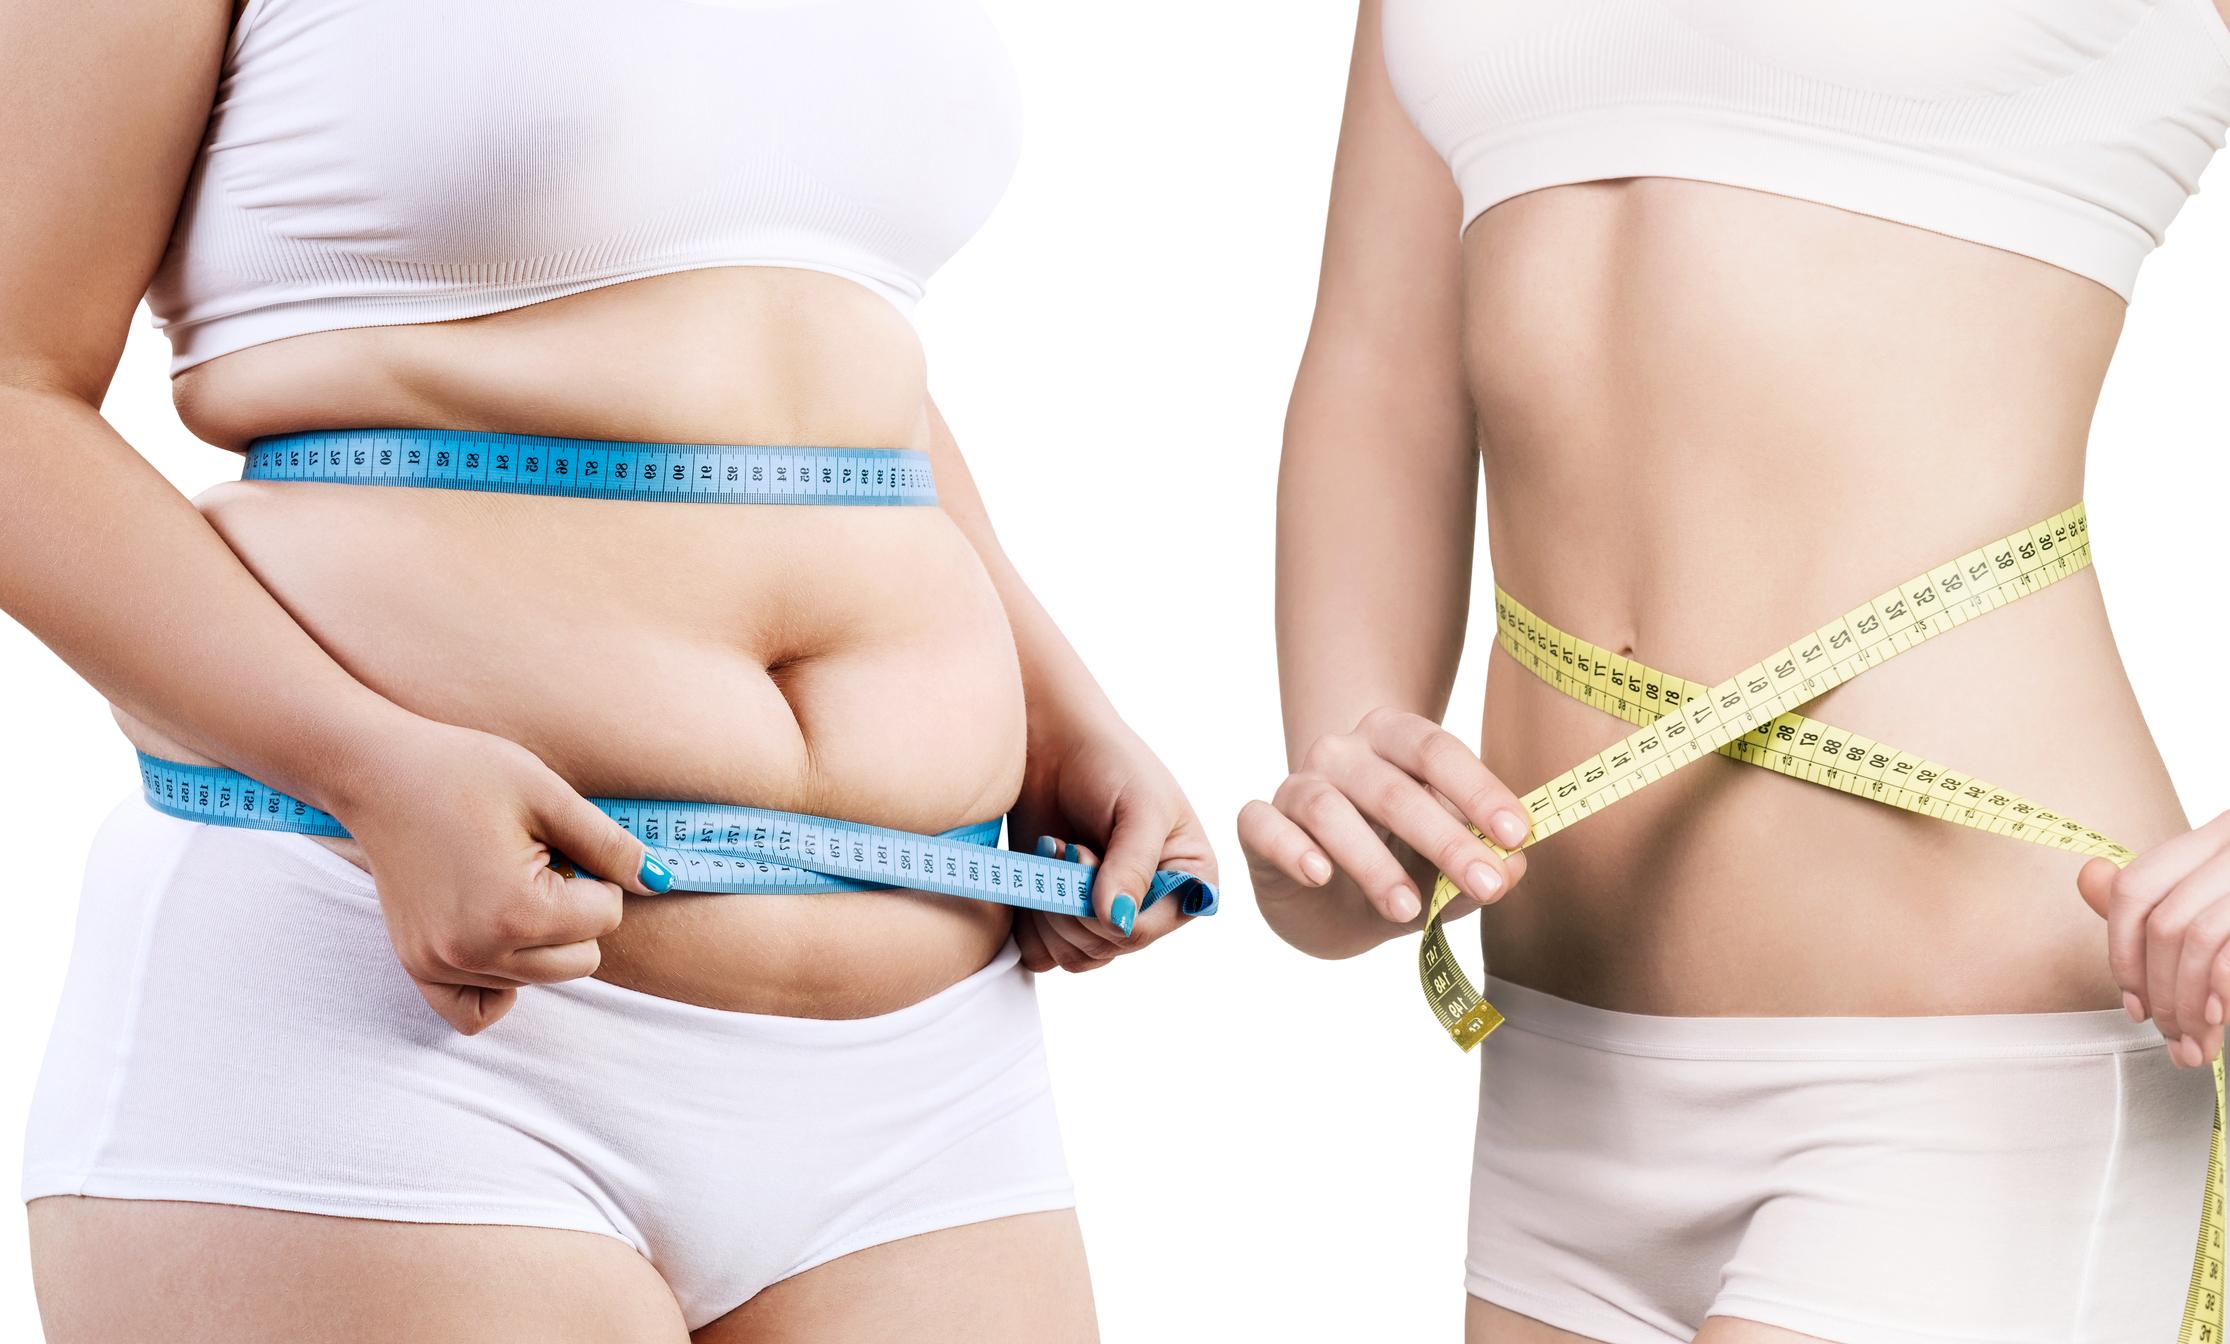 Fogyókúra és egészséges életmód 60 fölött is könnyedén